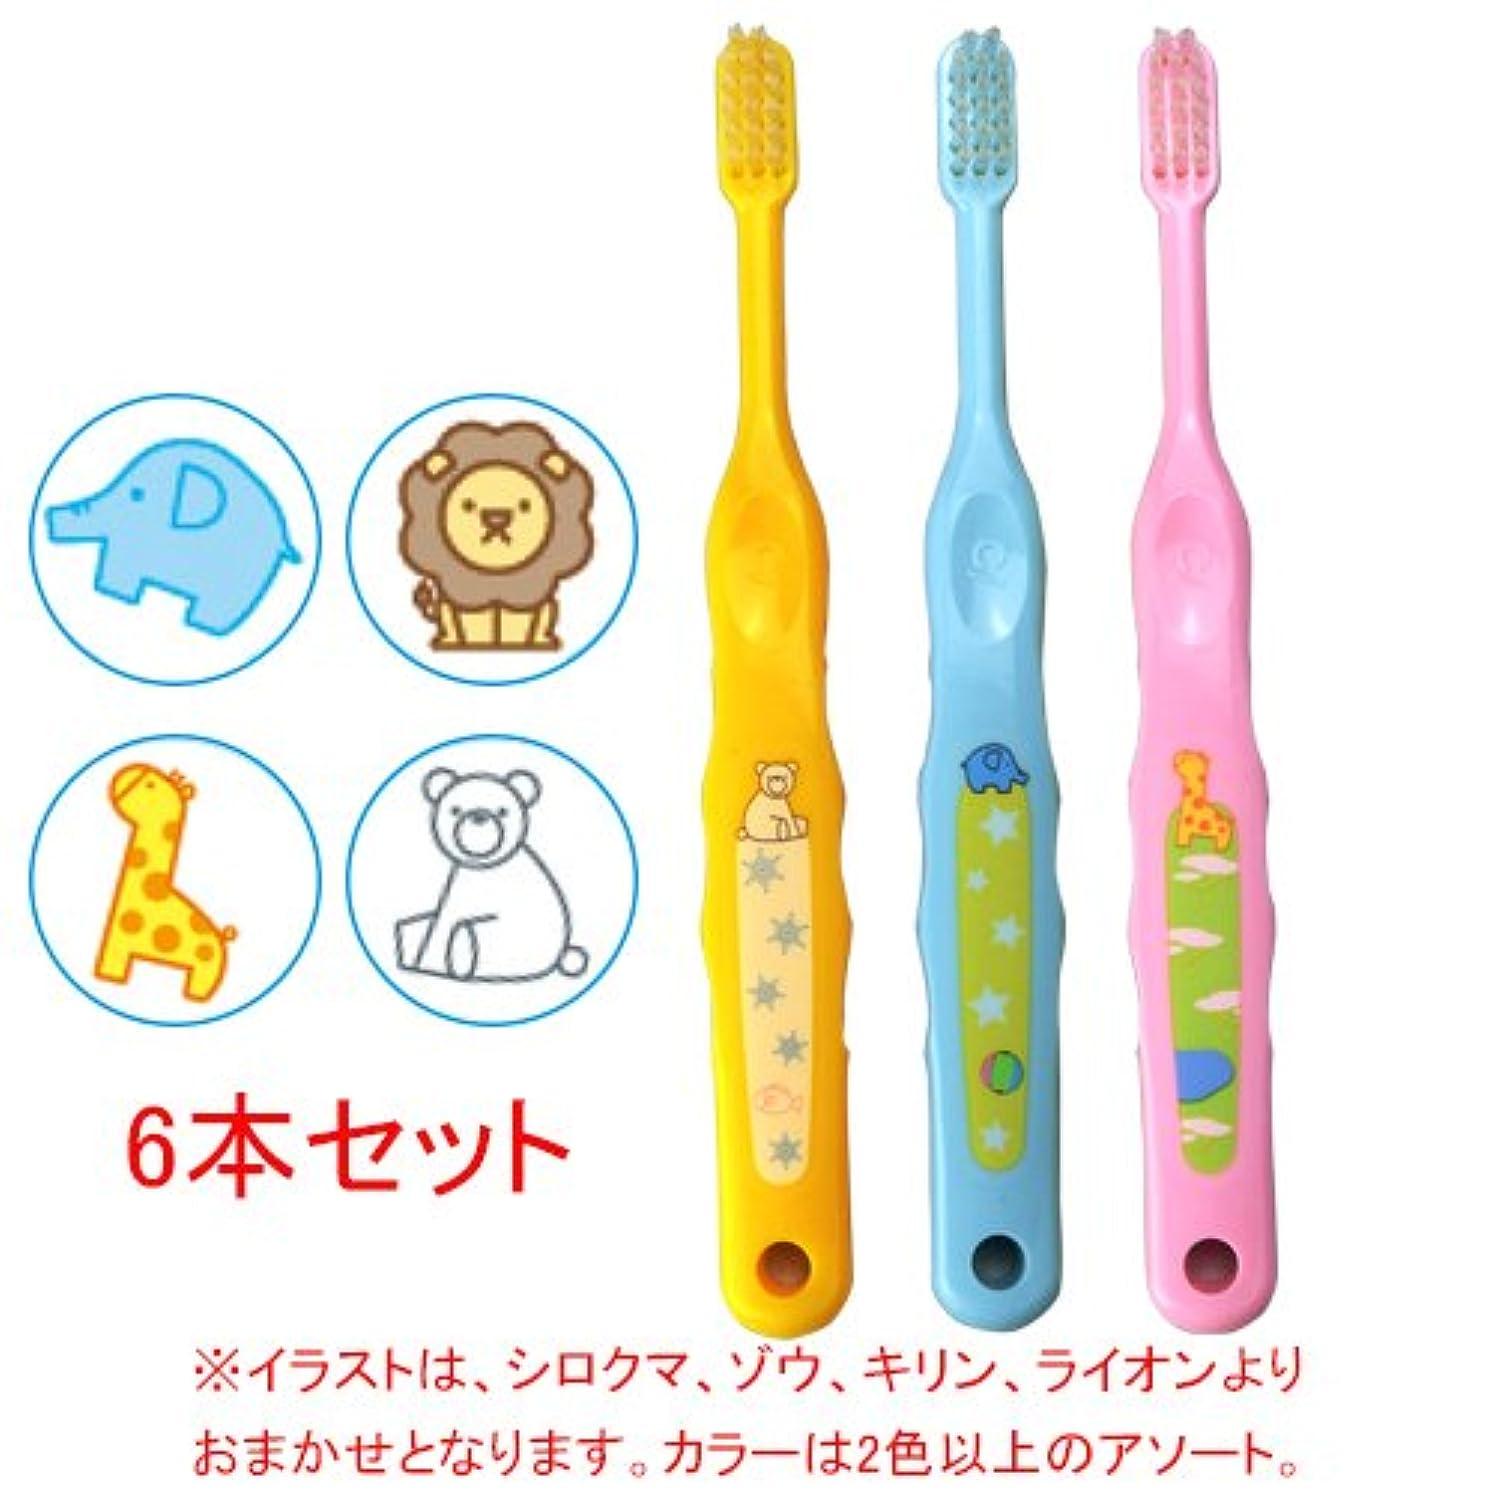 望まないハンディキャップ編集者Ciメディカル Ci なまえ歯ブラシ 503 (やわらかめ) (乳児~小学生向)×6本